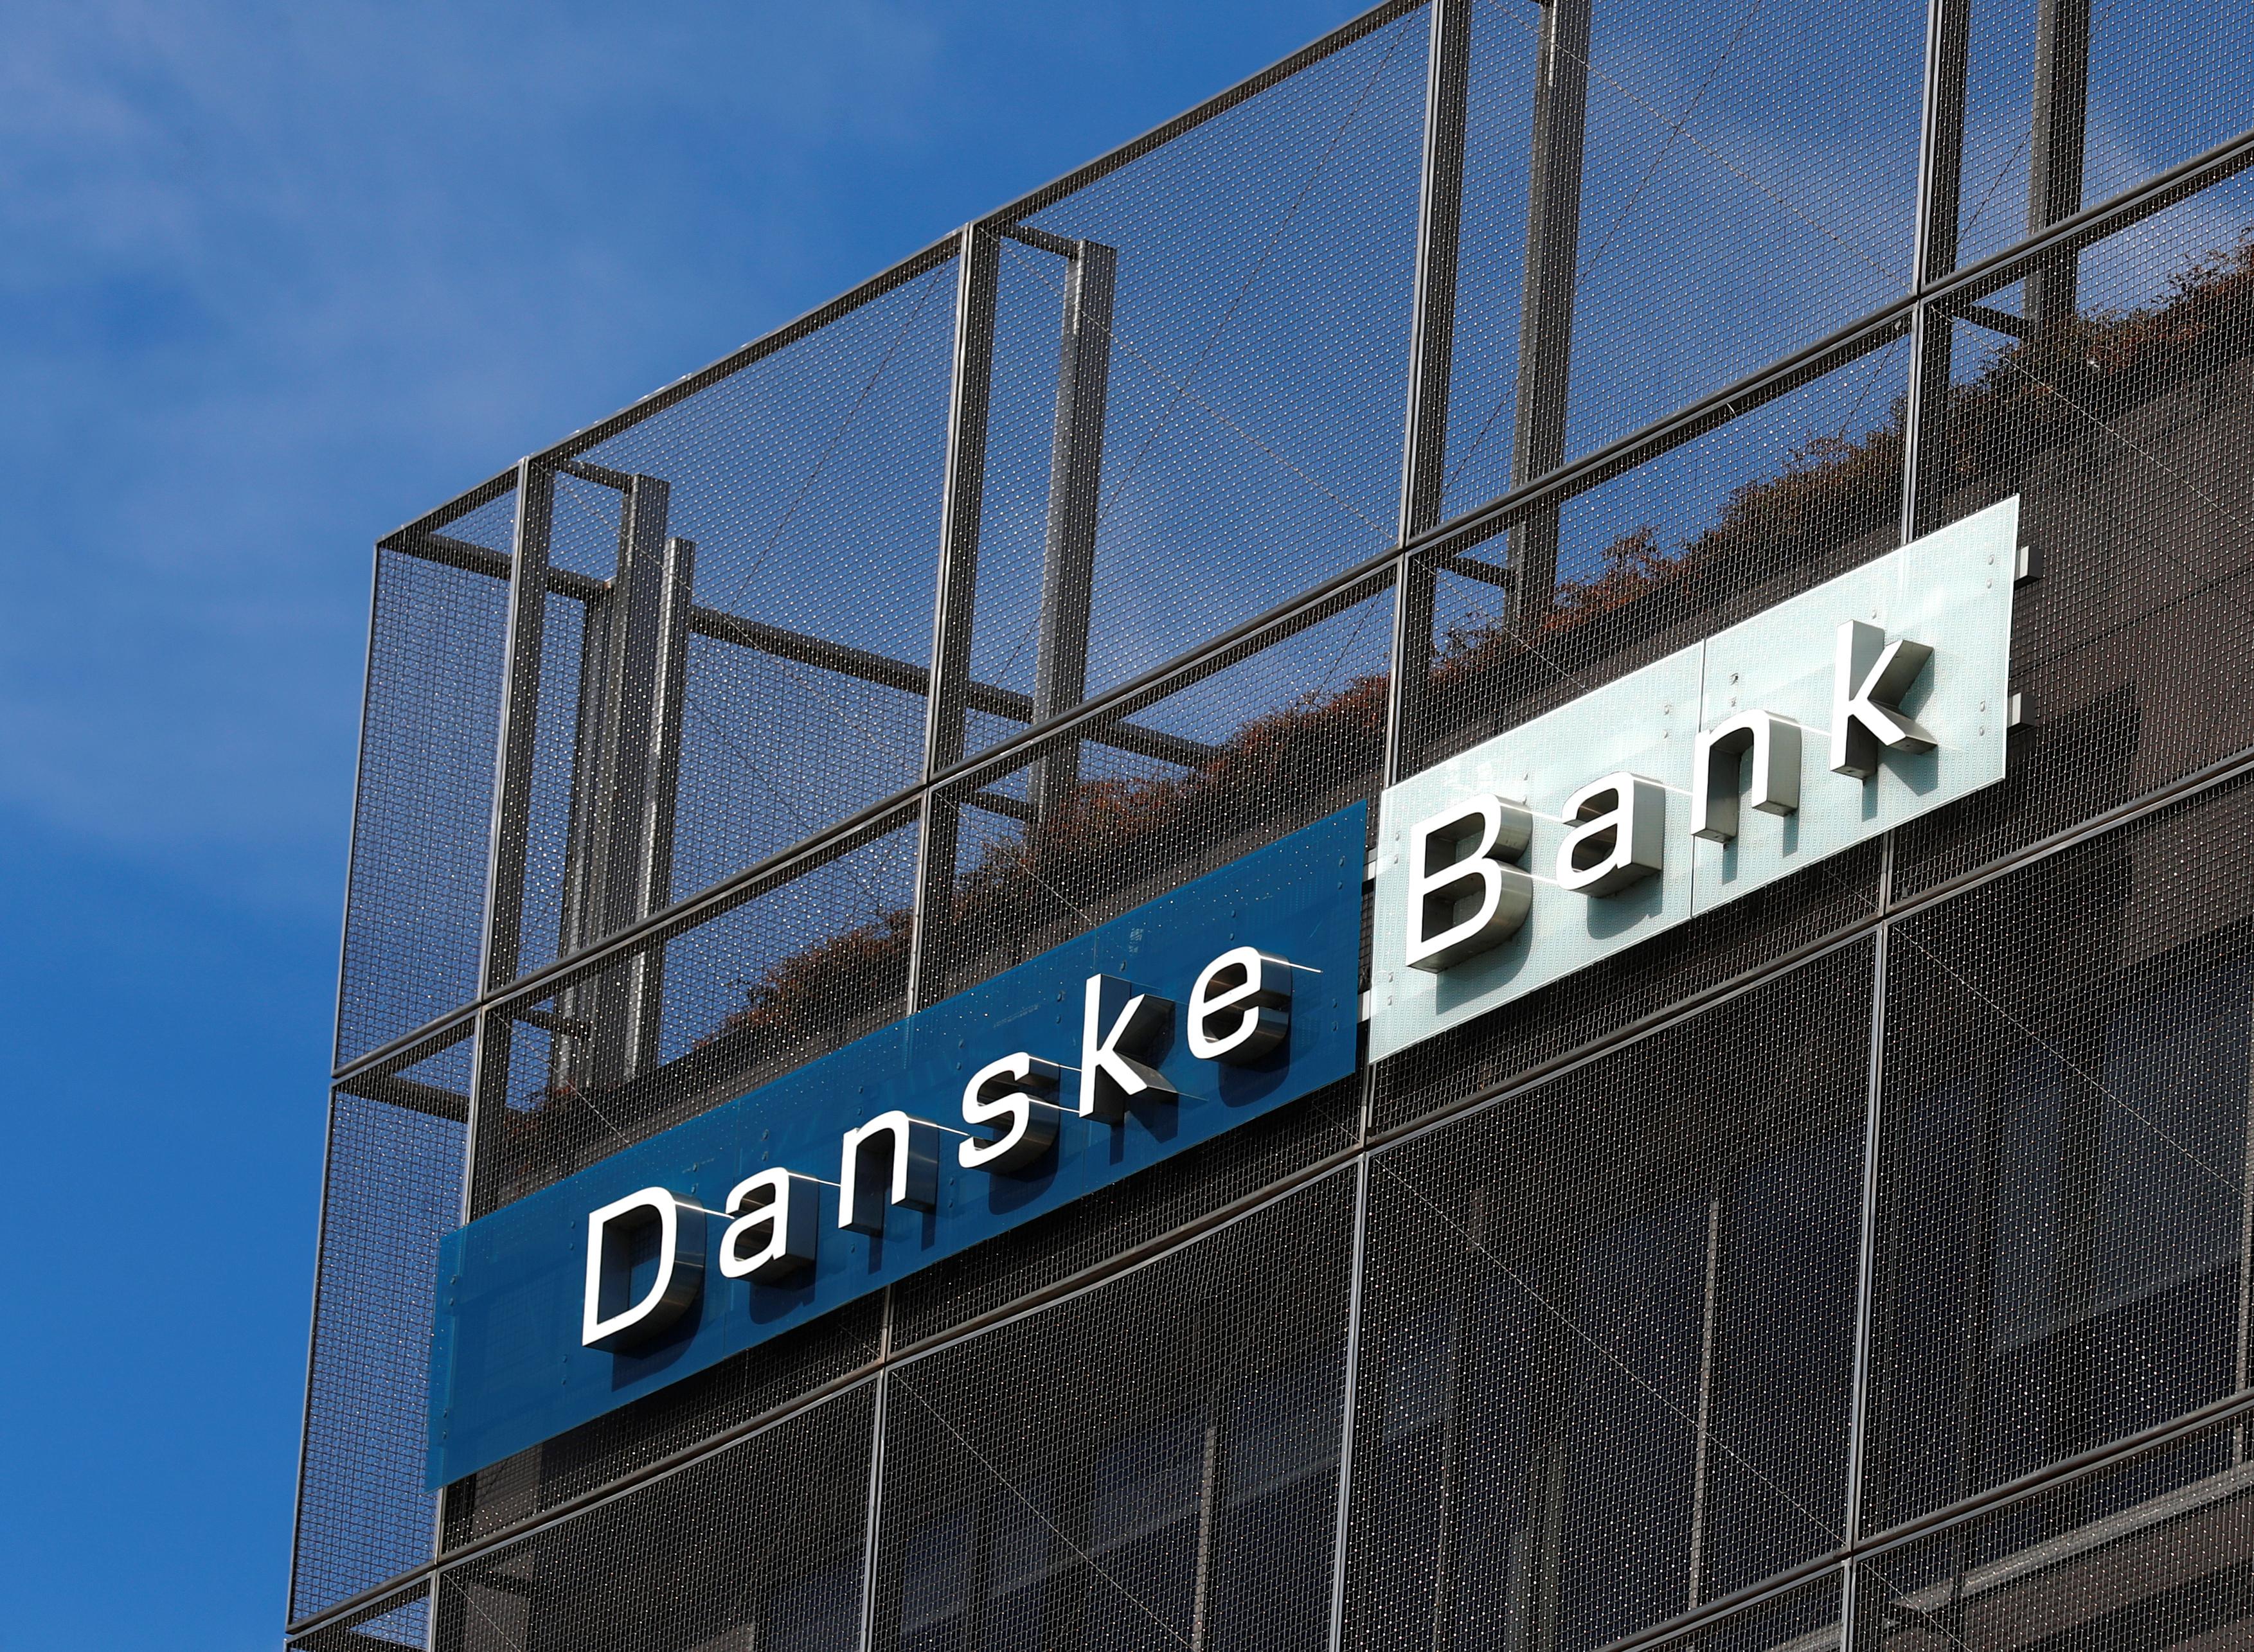 danske-bank-fait-l-objet-d-une-enquete-pour-blanchiment-d-argent